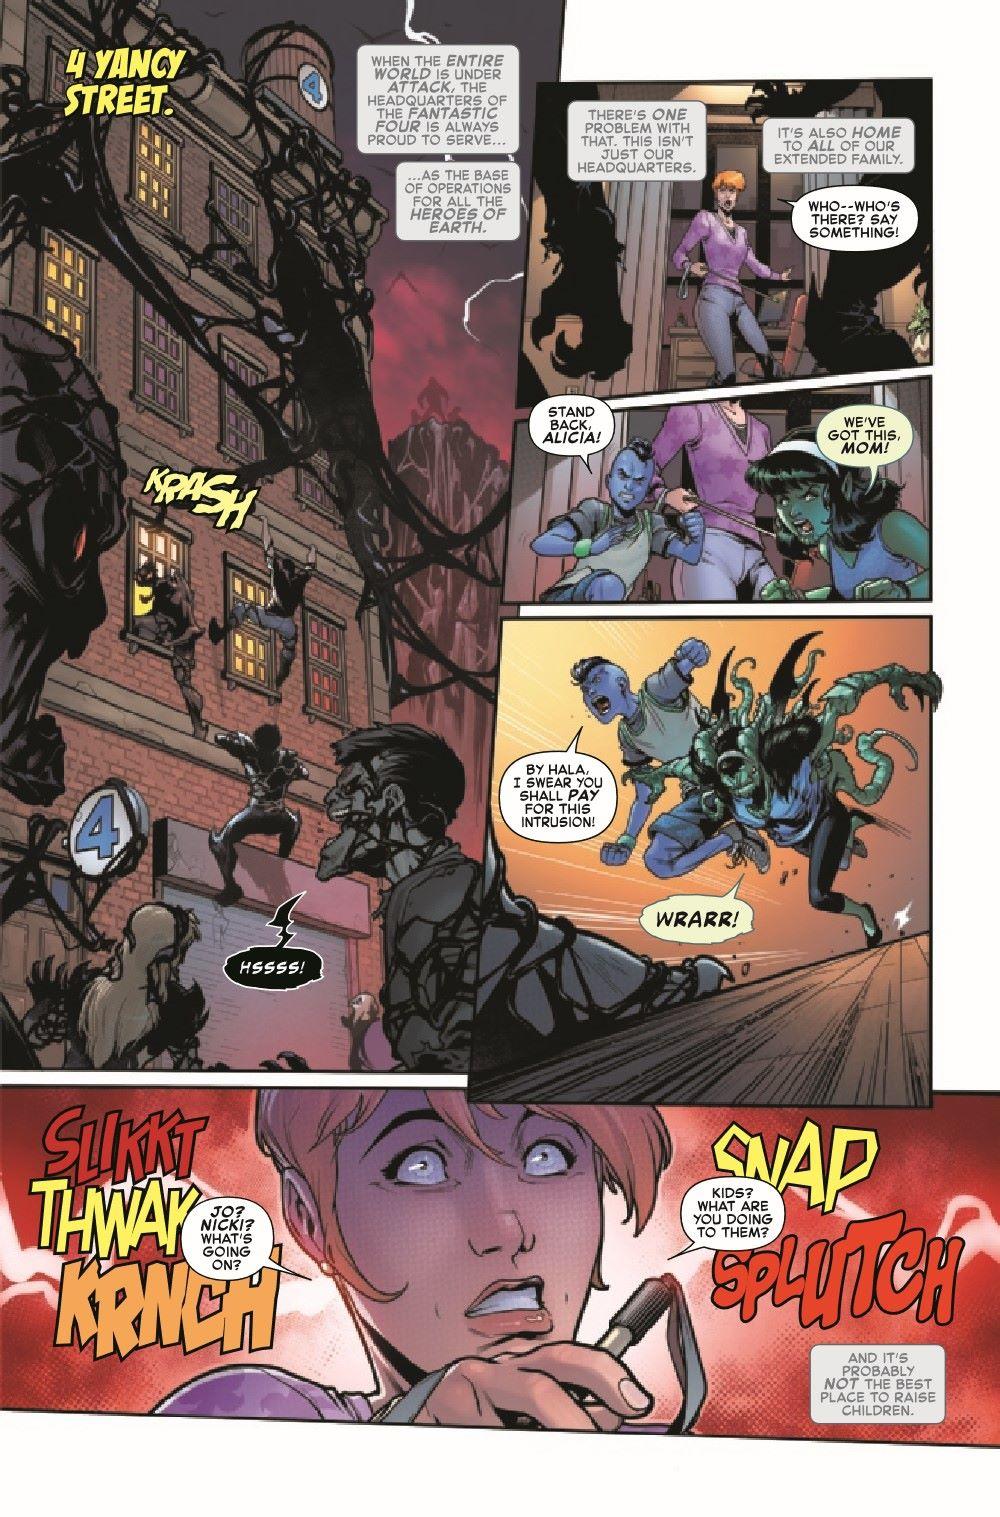 FF2018030_Preview-3 ComicList Previews: FANTASTIC FOUR #30